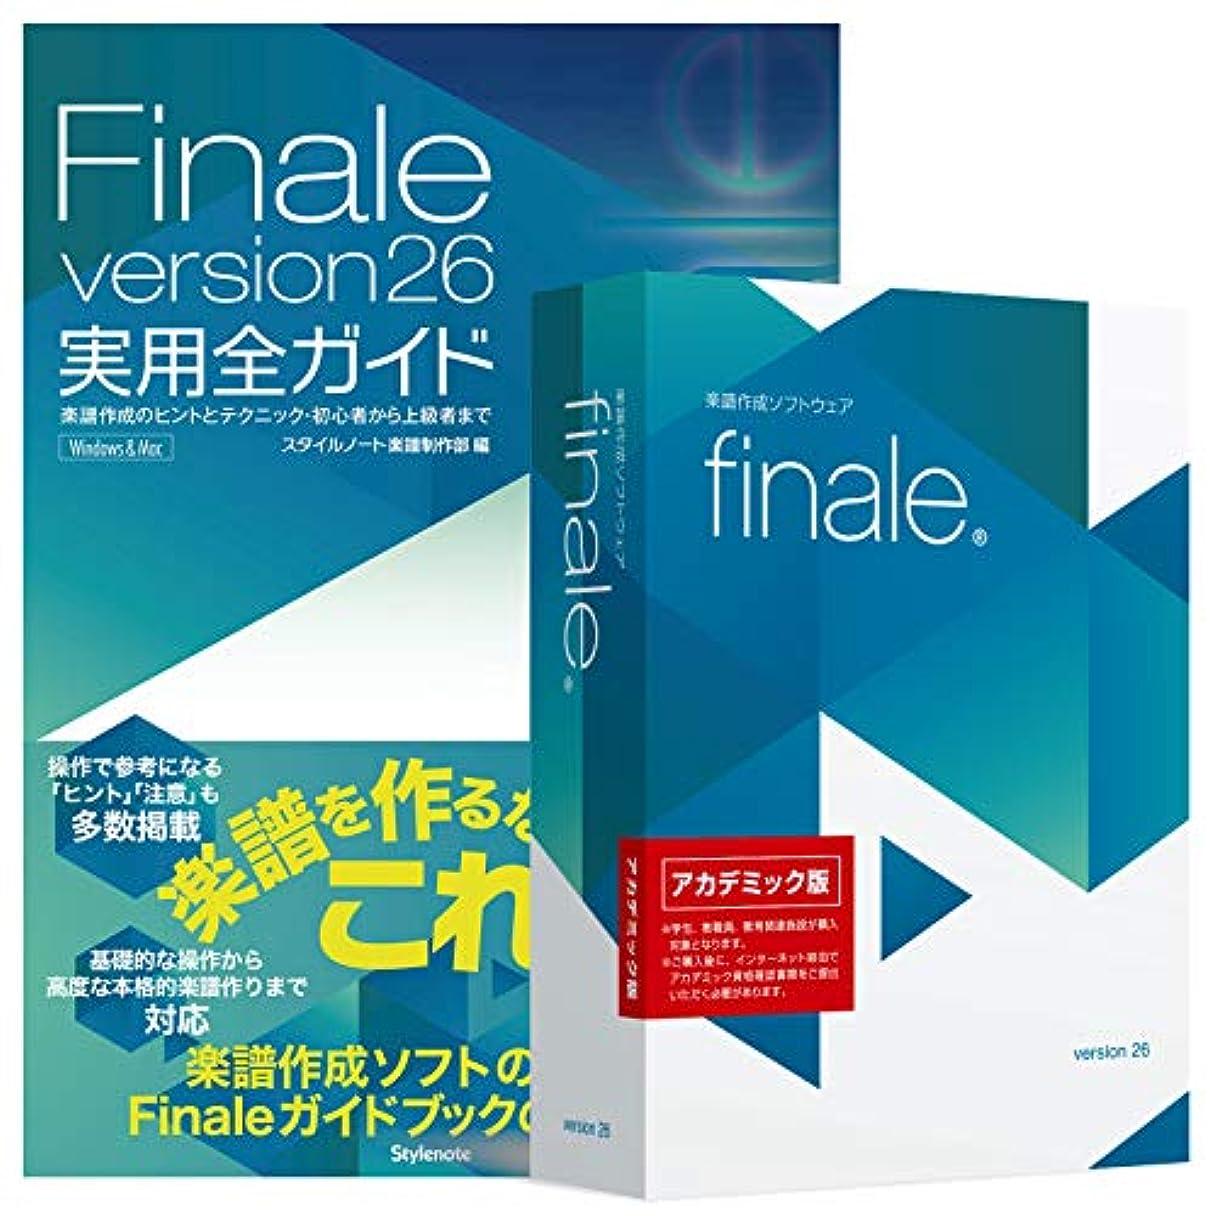 浪費不安シェルターMakeMusic メイクミュージック 楽譜作成ソフト フィナーレ Finale 26 アカデミック版 ガイドブック付